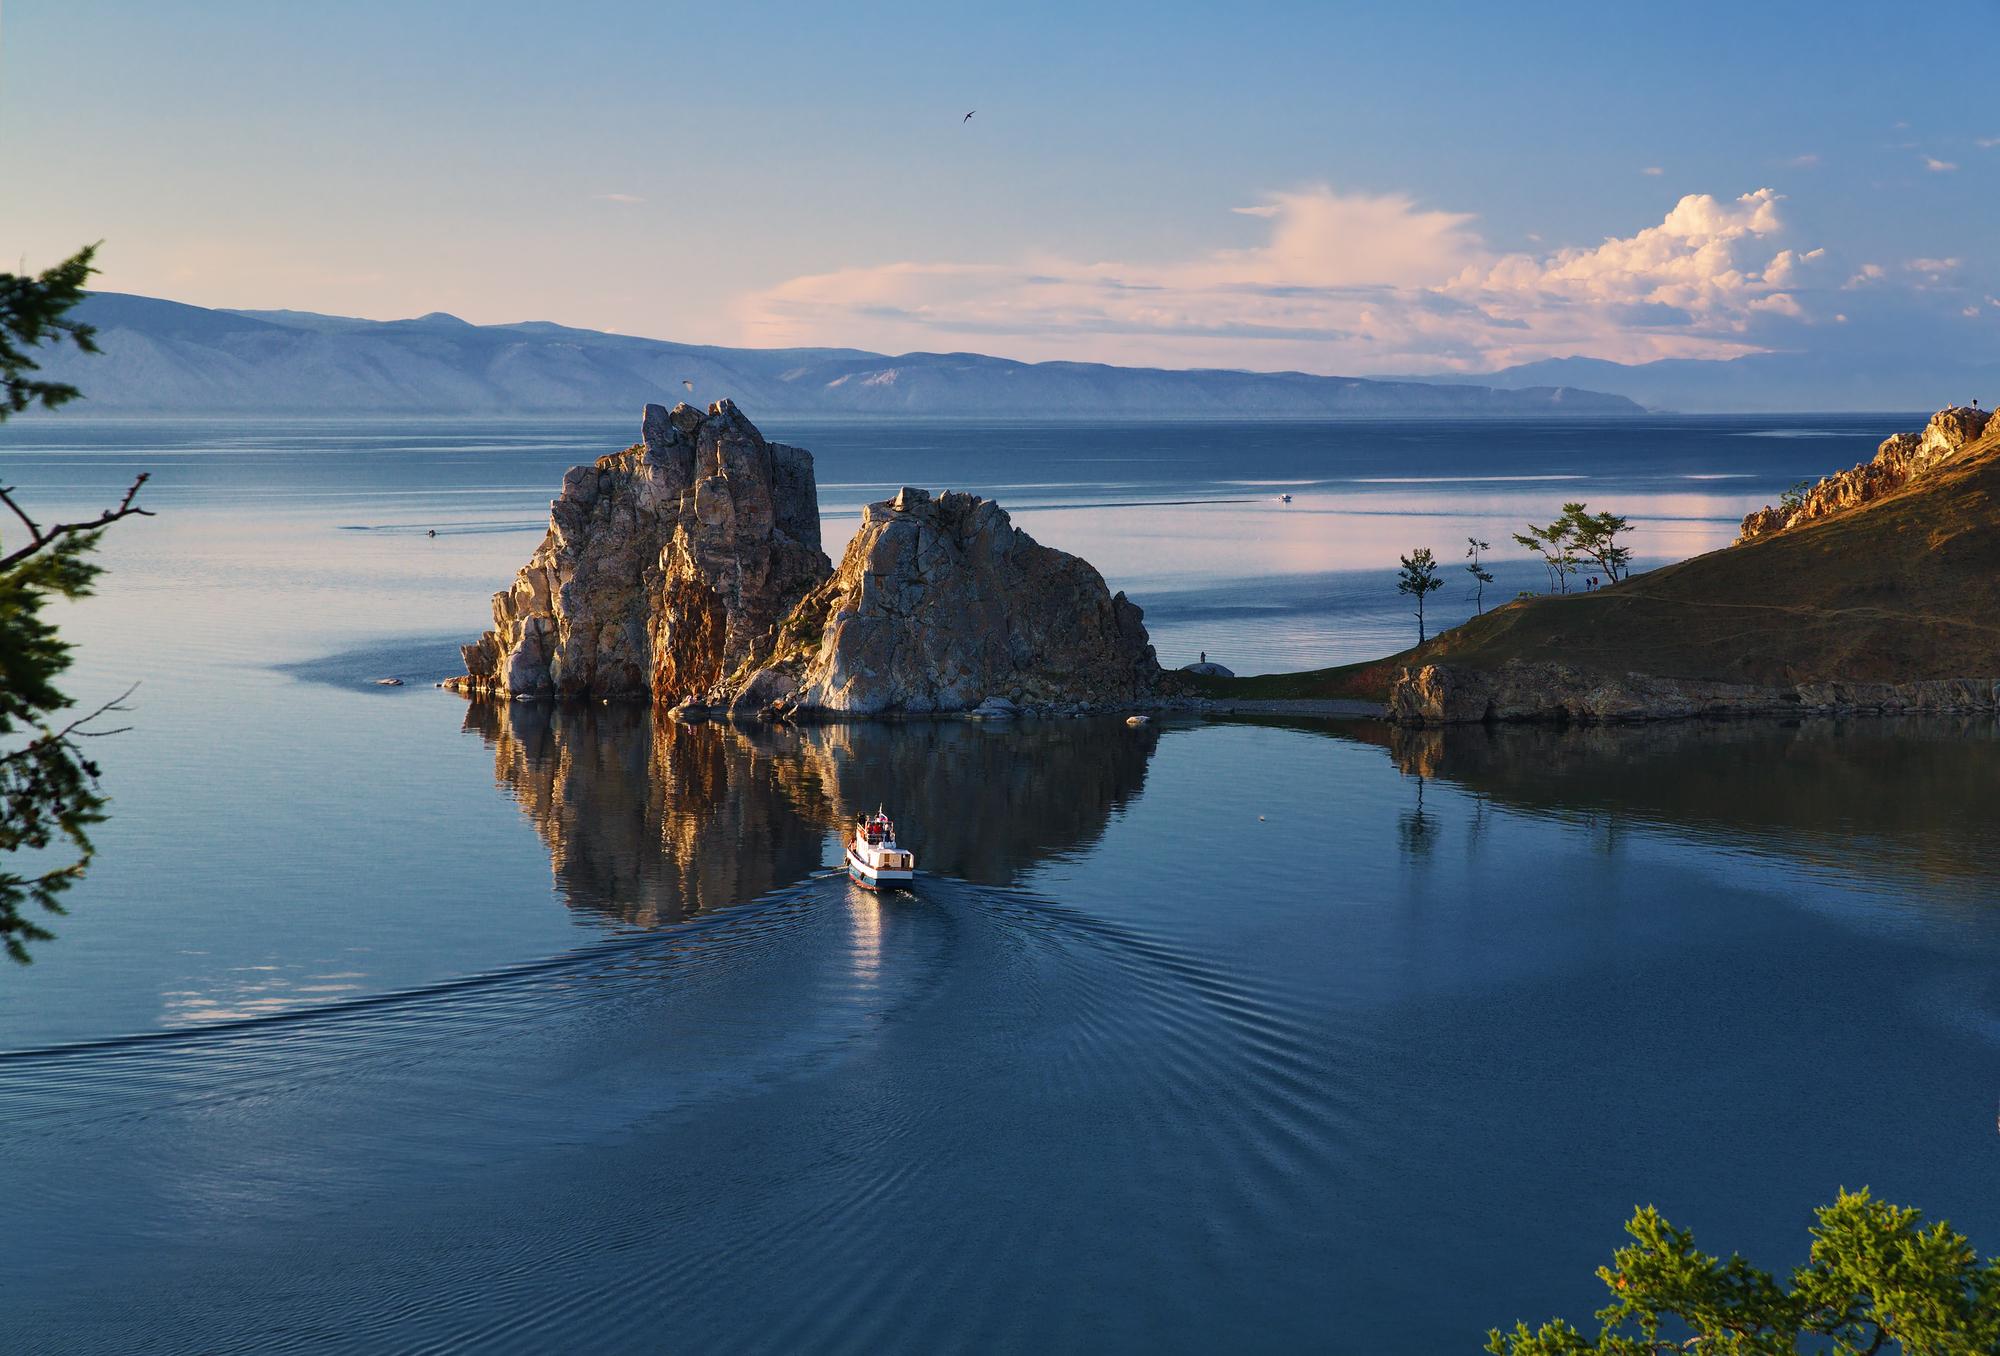 Скала Шаманка наострове Ольхон, озеро Байкал.